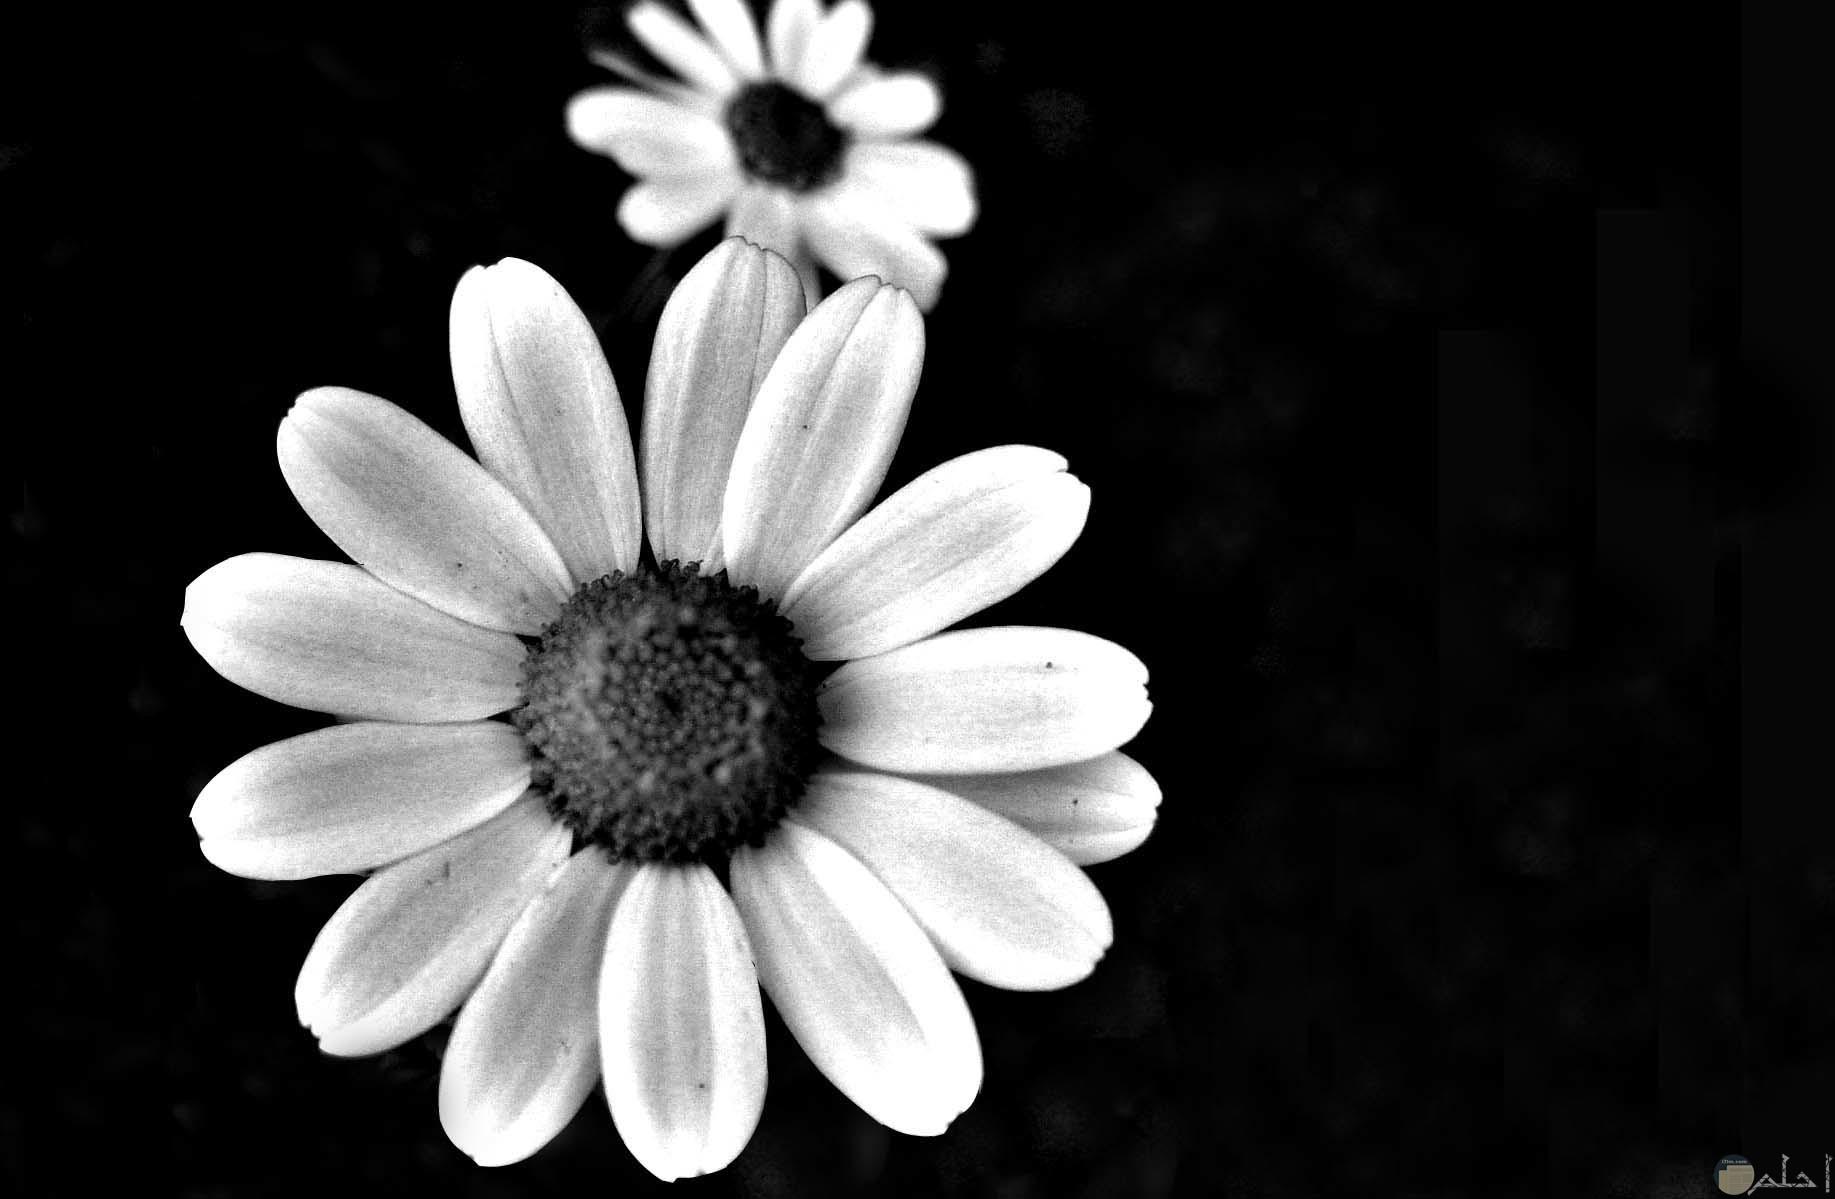 صورة ابيض و اسود لزهرة عباد الشمس.